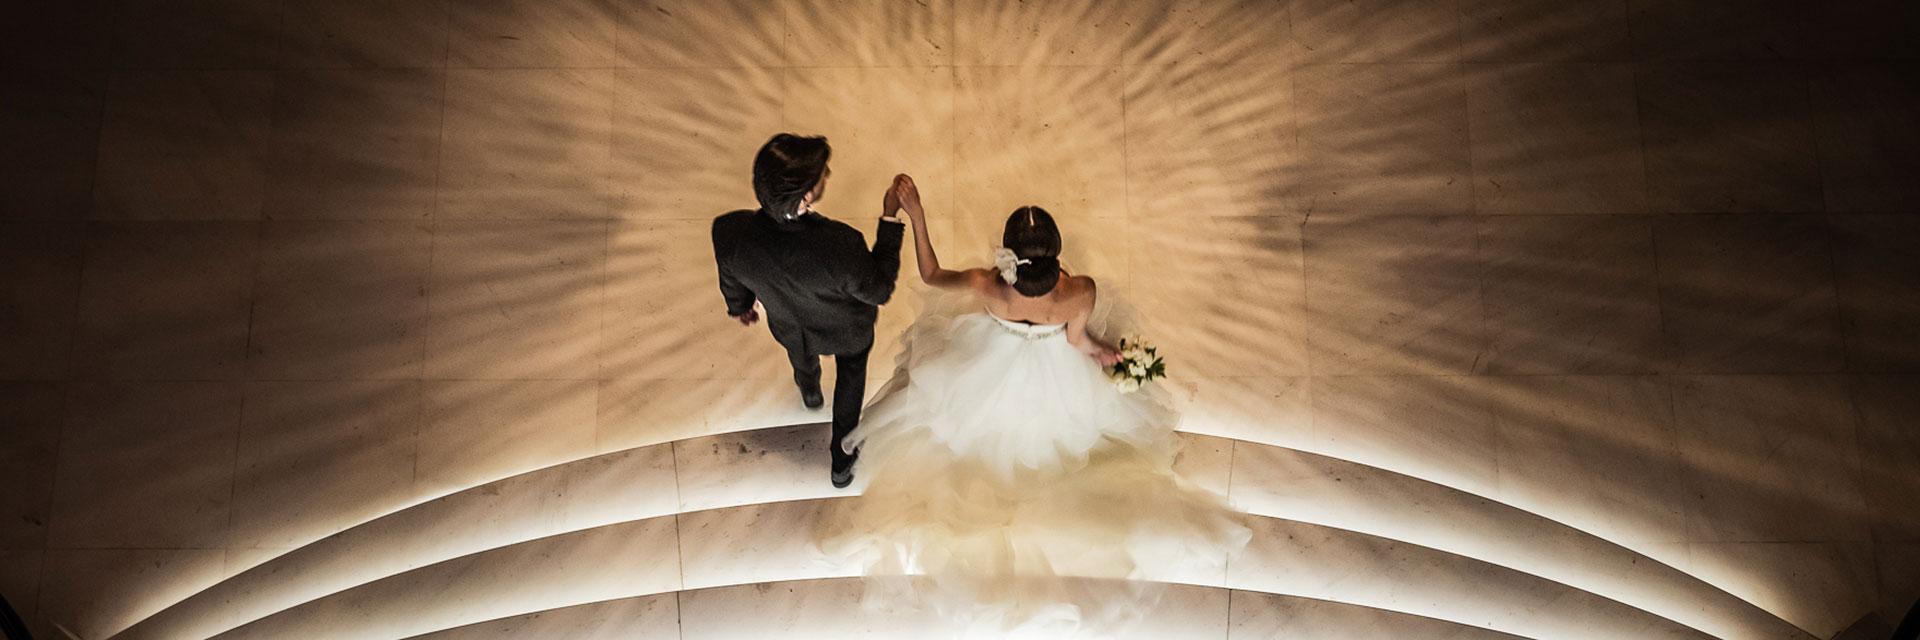 Weddings at Hotel Azerbaijan Top